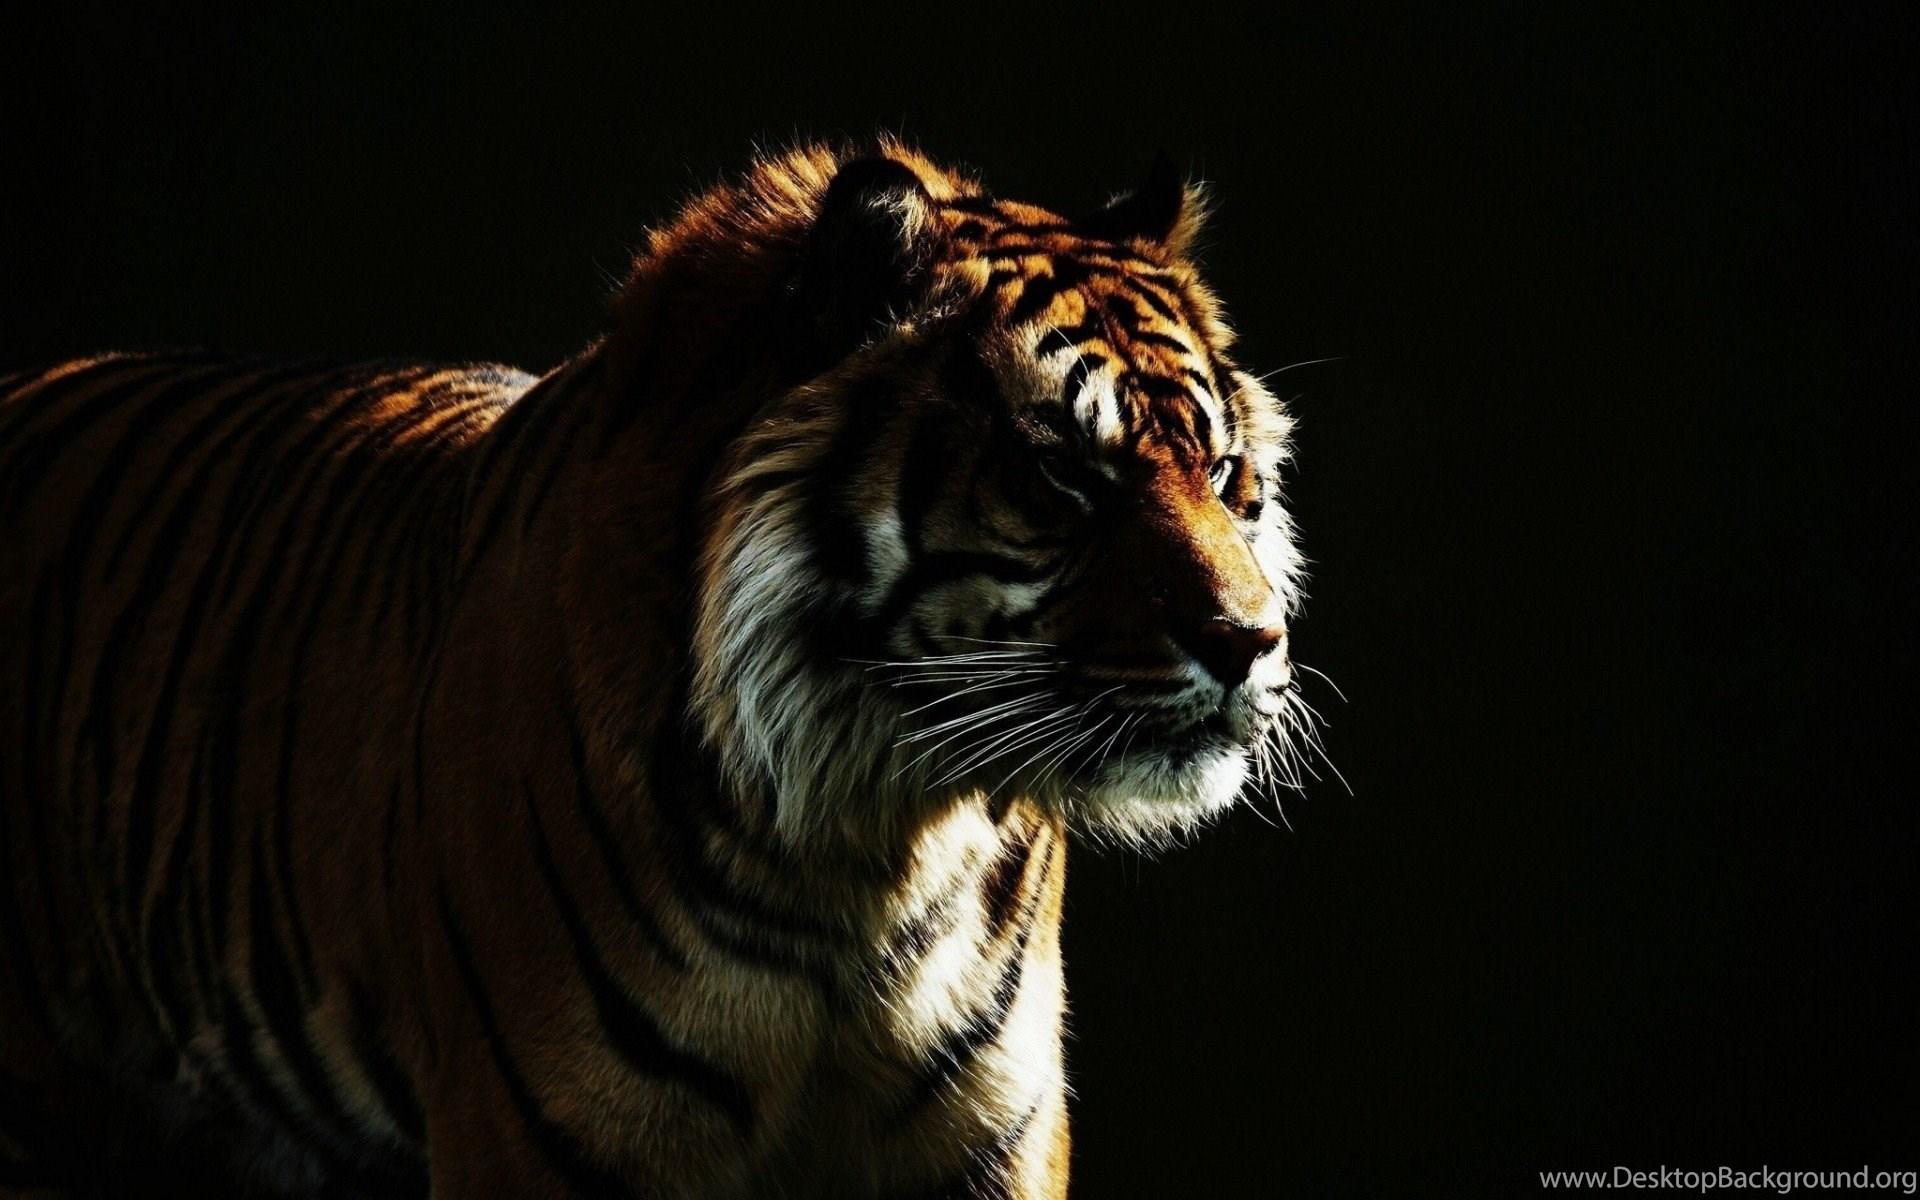 Wild Cat Dark Backgrounds Tiger Hd Wallpapers Desktop Background